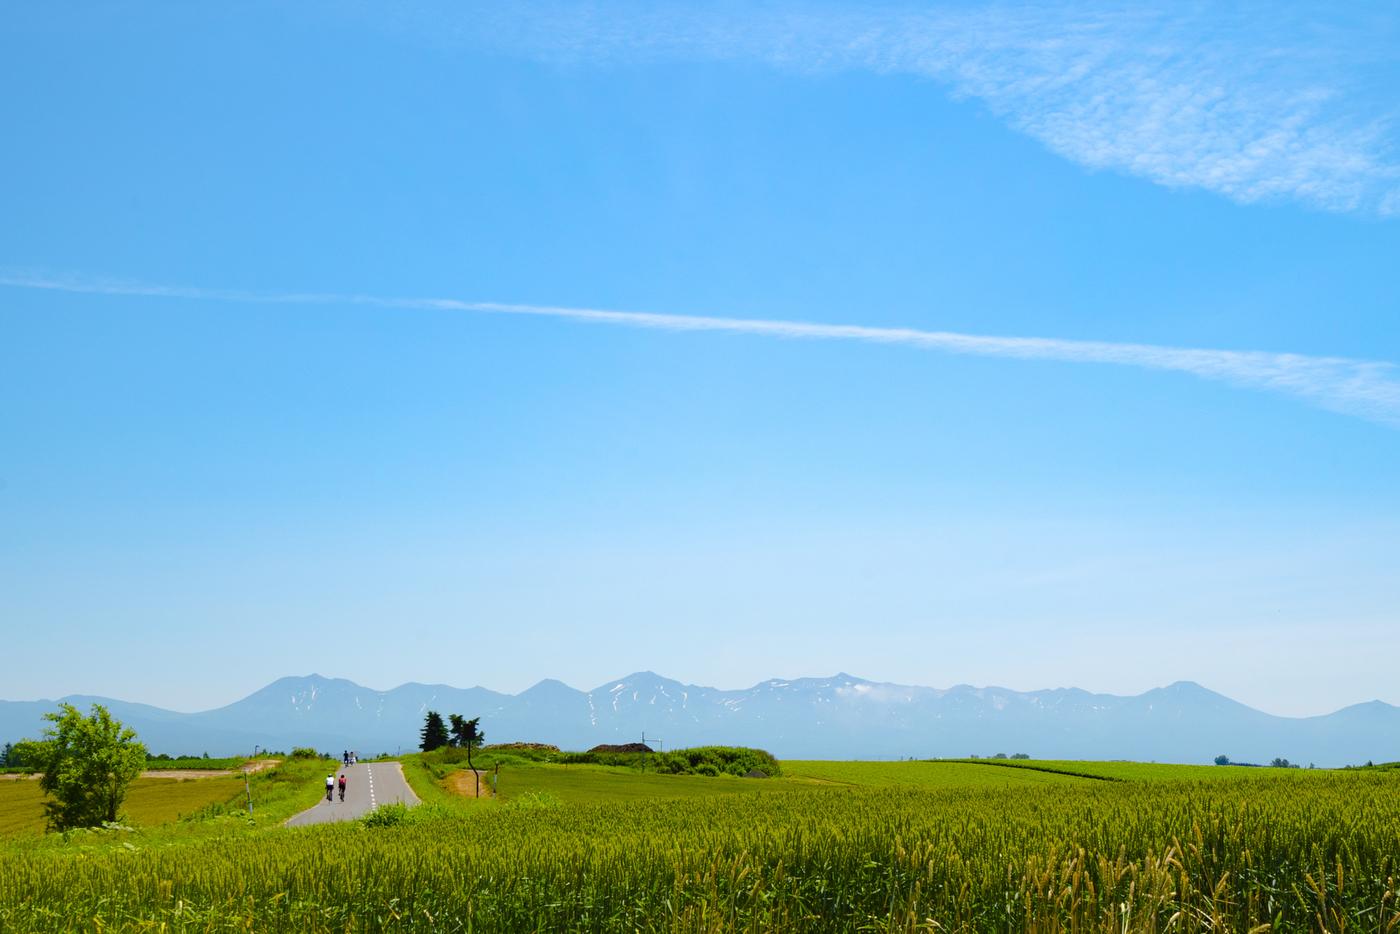 北海道の絶対外さない観光スポット!エリア別おすすめ観光地15選♪の画像